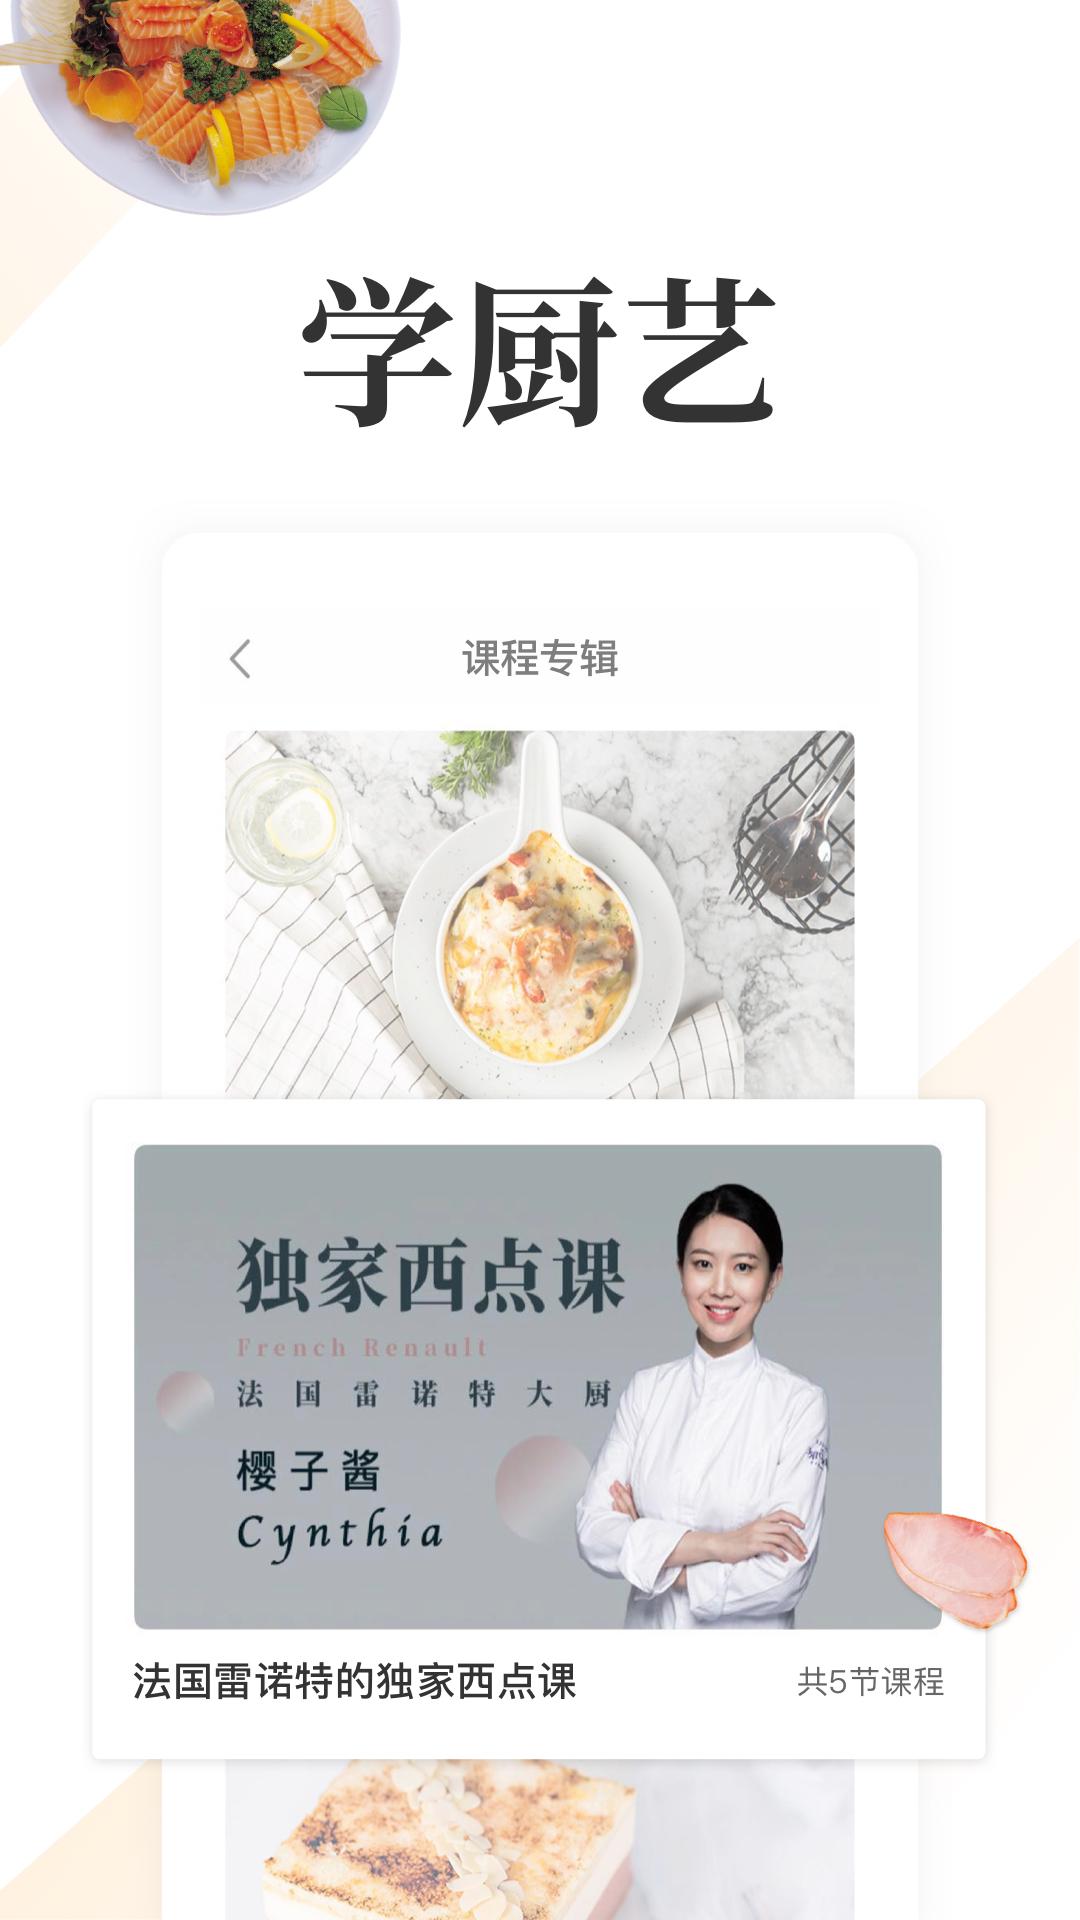 网上厨房APP-网上厨房ecook下载-网上厨房安卓版/苹果版/电脑版安装-飞翔软件库